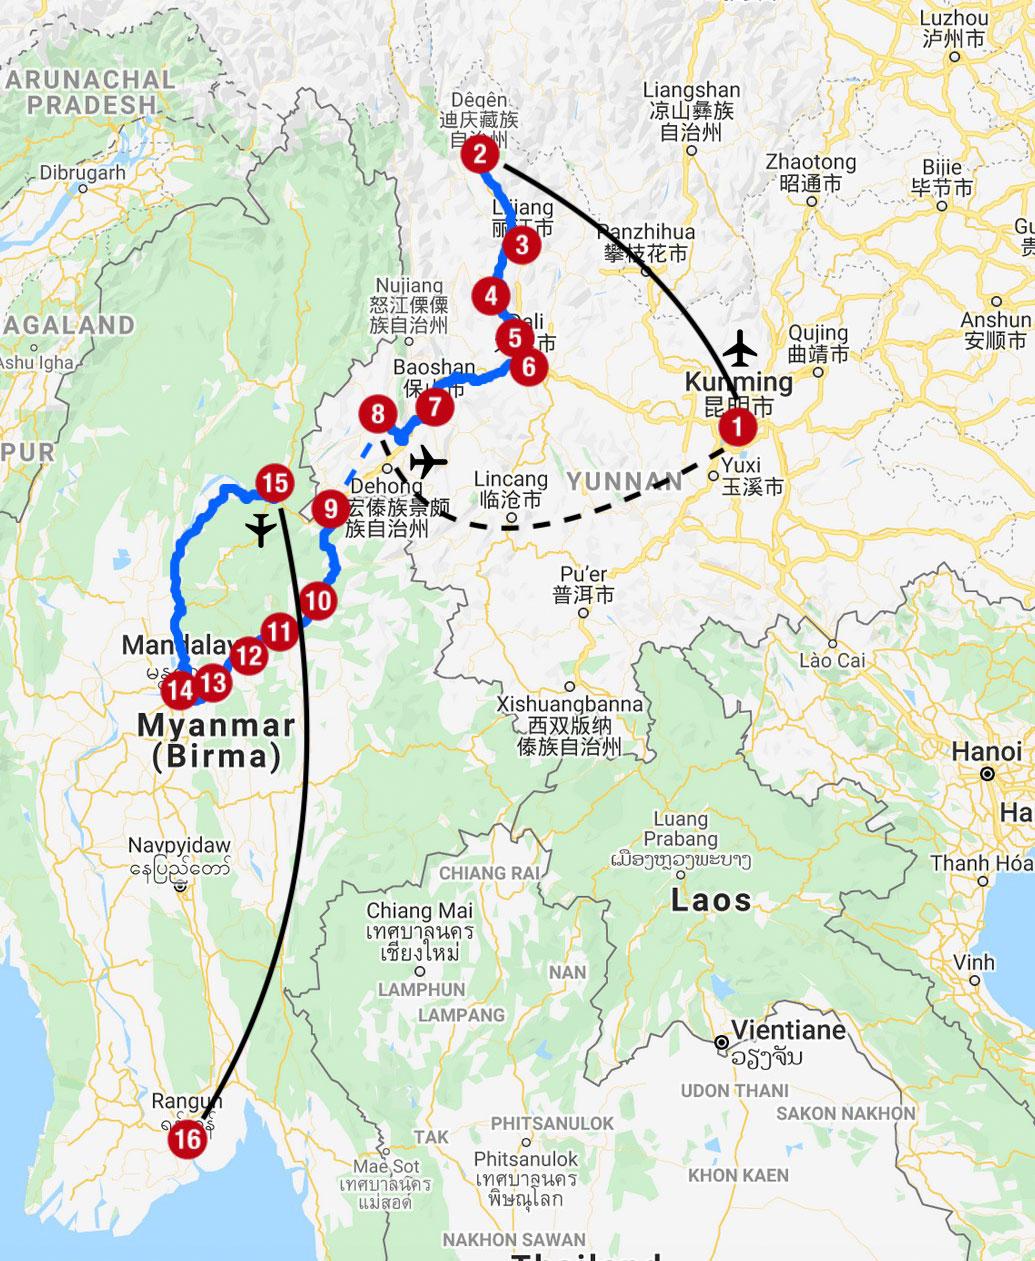 Karte mit Reiseroute in Yunnan und Myanmar